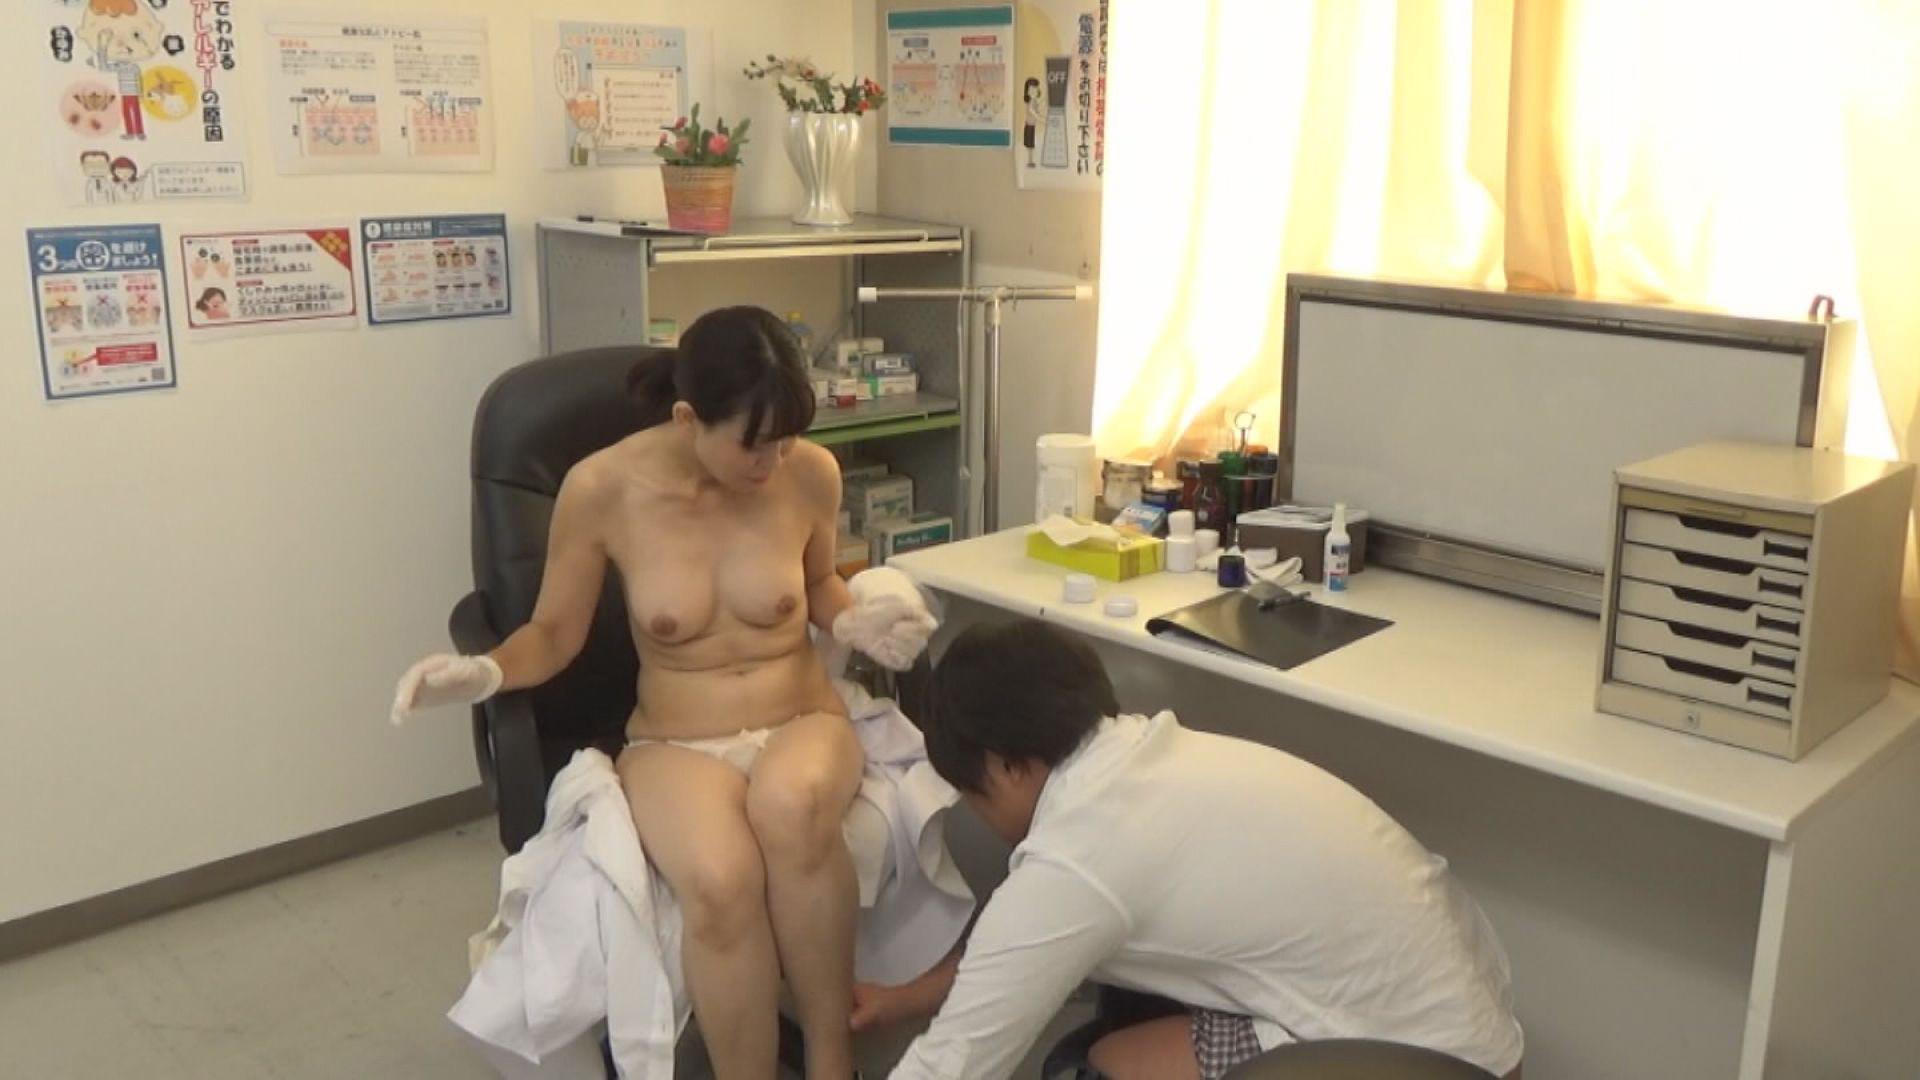 美人の先生がいる皮膚科に行って腫れたチンコを診てもらう流れでヌイてもらいたい(10),のサンプル画像21